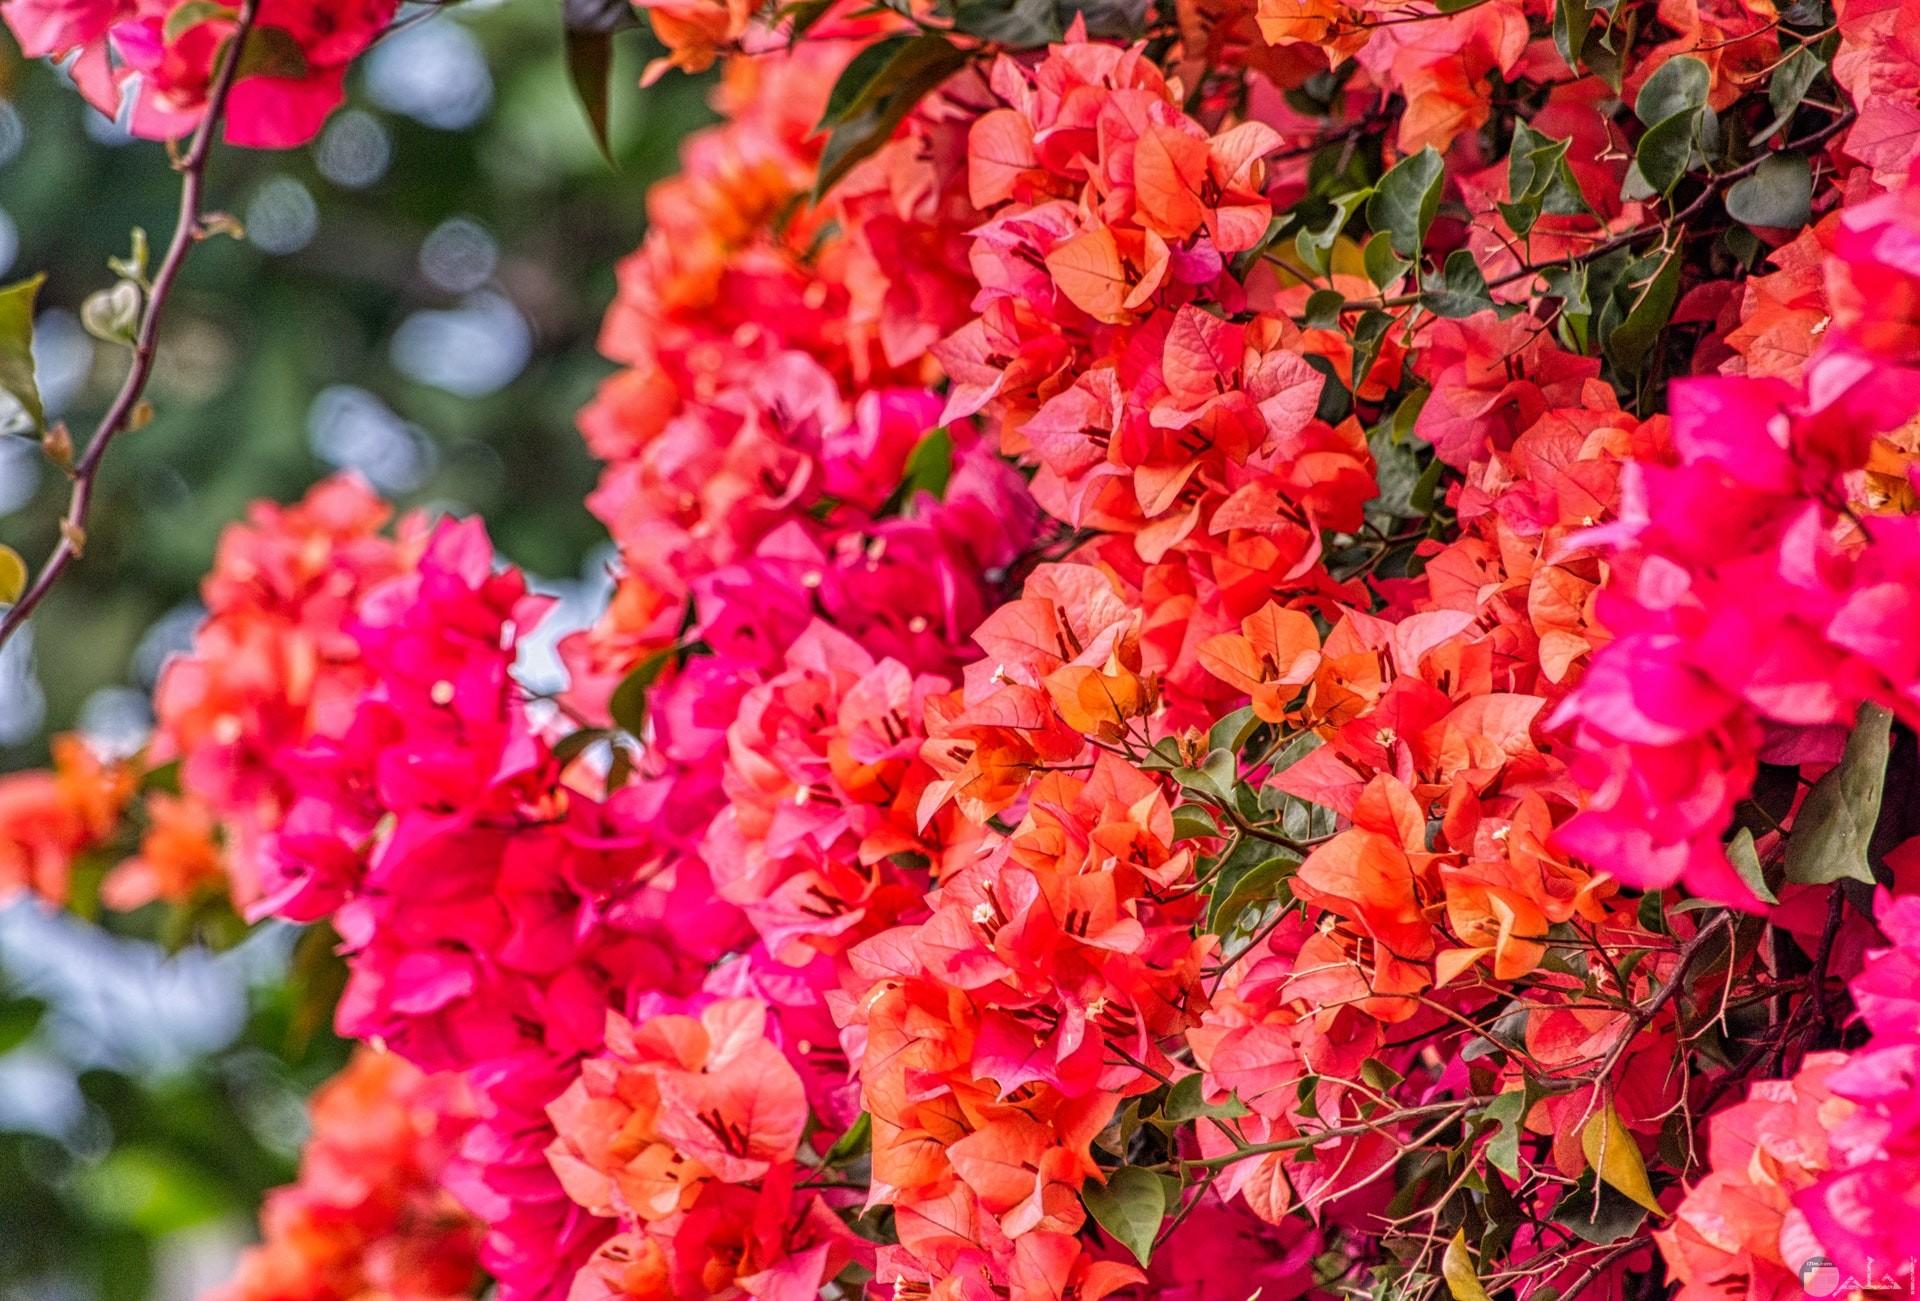 صورة حلوة للفيس بوك لمجموعة من الورود الجميلة بألوان كثيرة